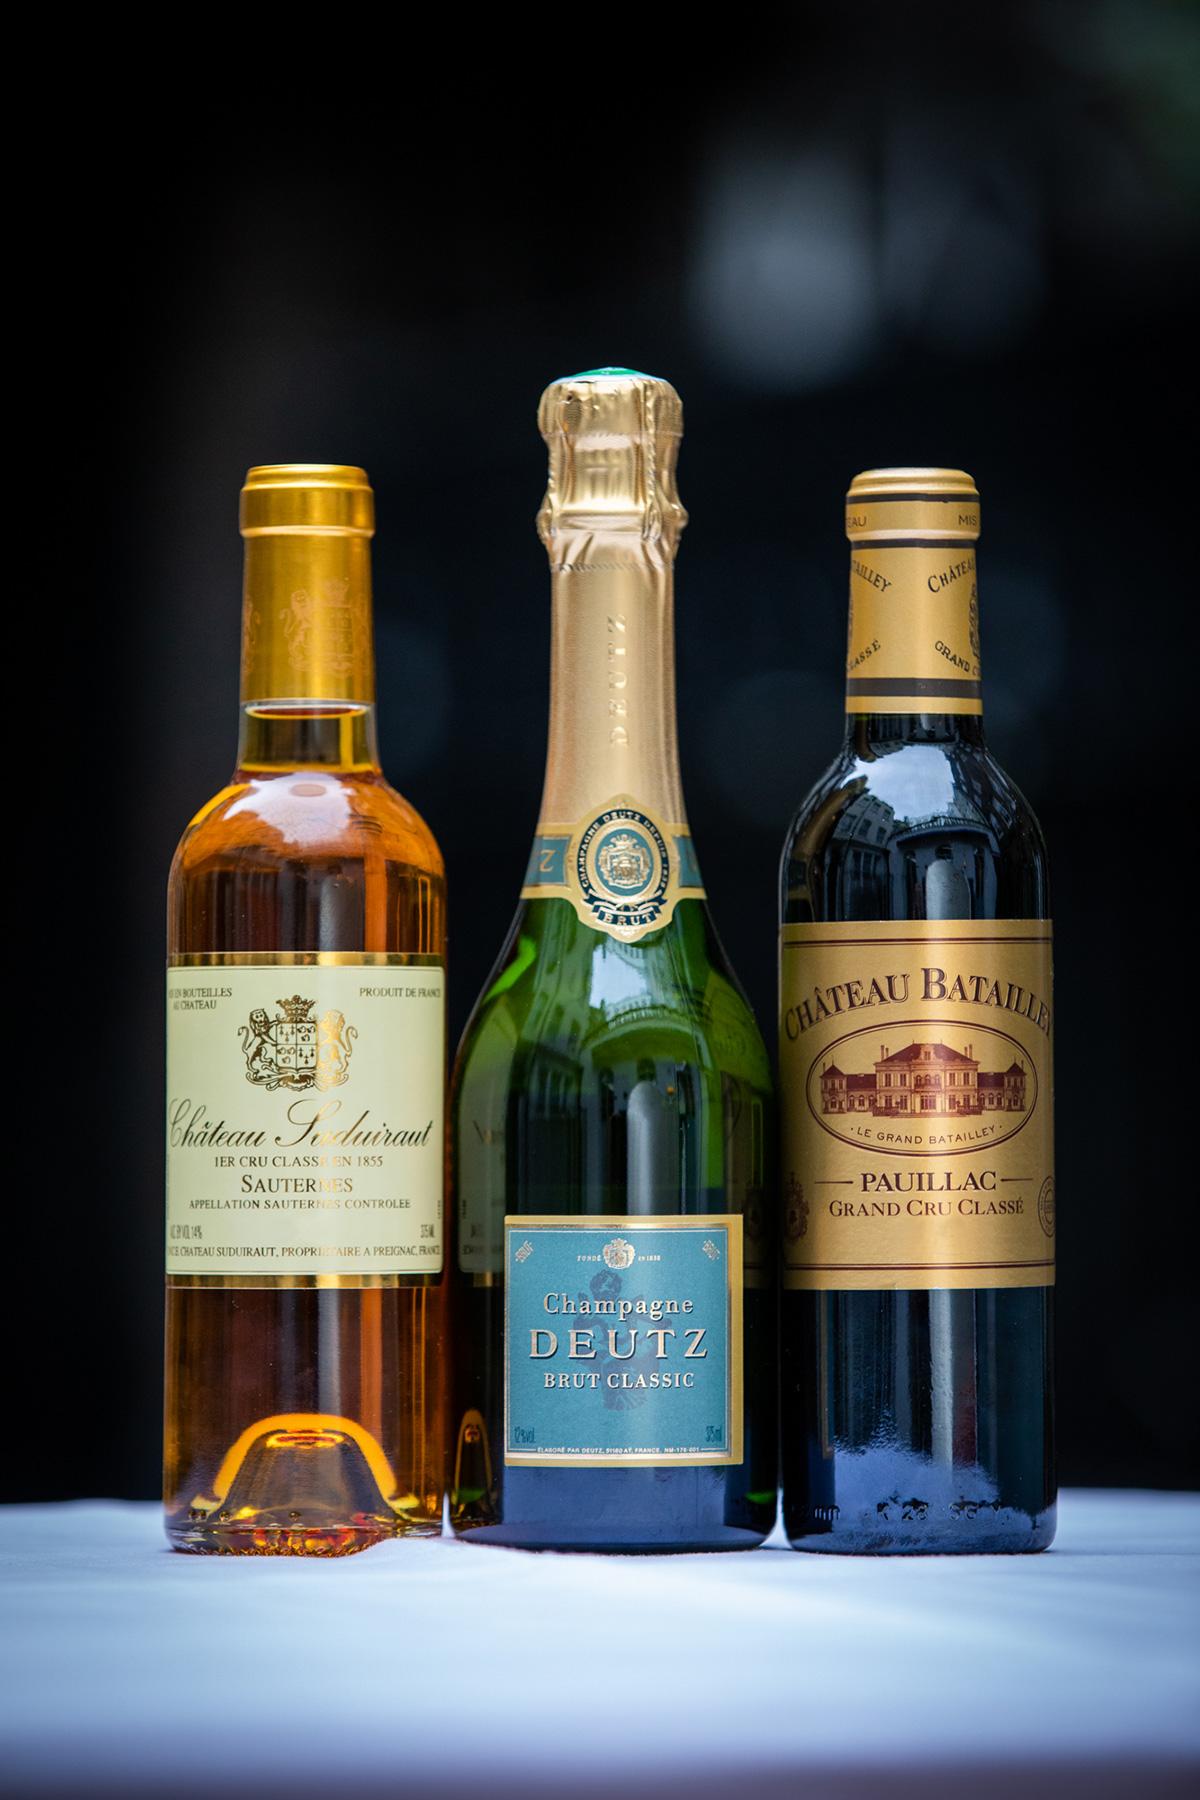 Deutz, Champagne NV, Batailley 2014, Suduiraut 2008